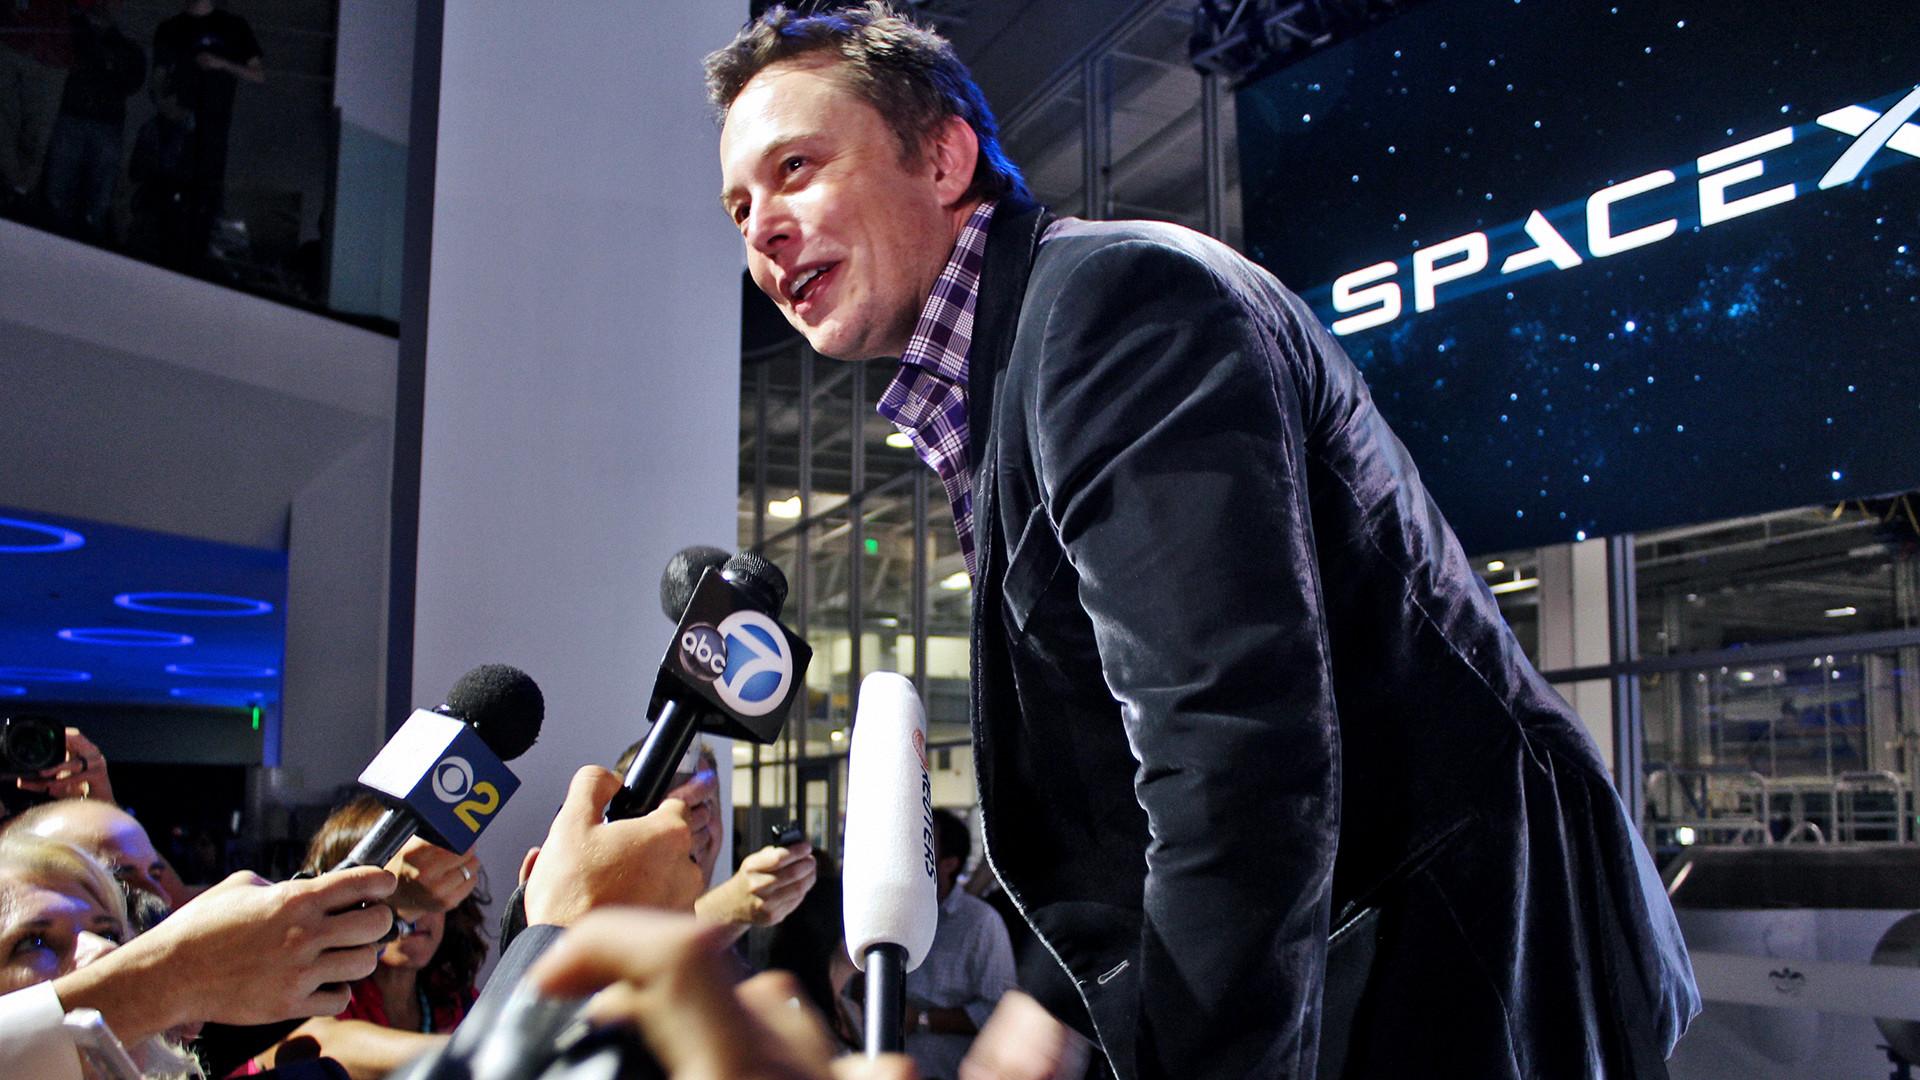 Elon Musk prepossessing Full HD wallpaper Free – Download Elon Musk  prepossessing Full HD wallpaper